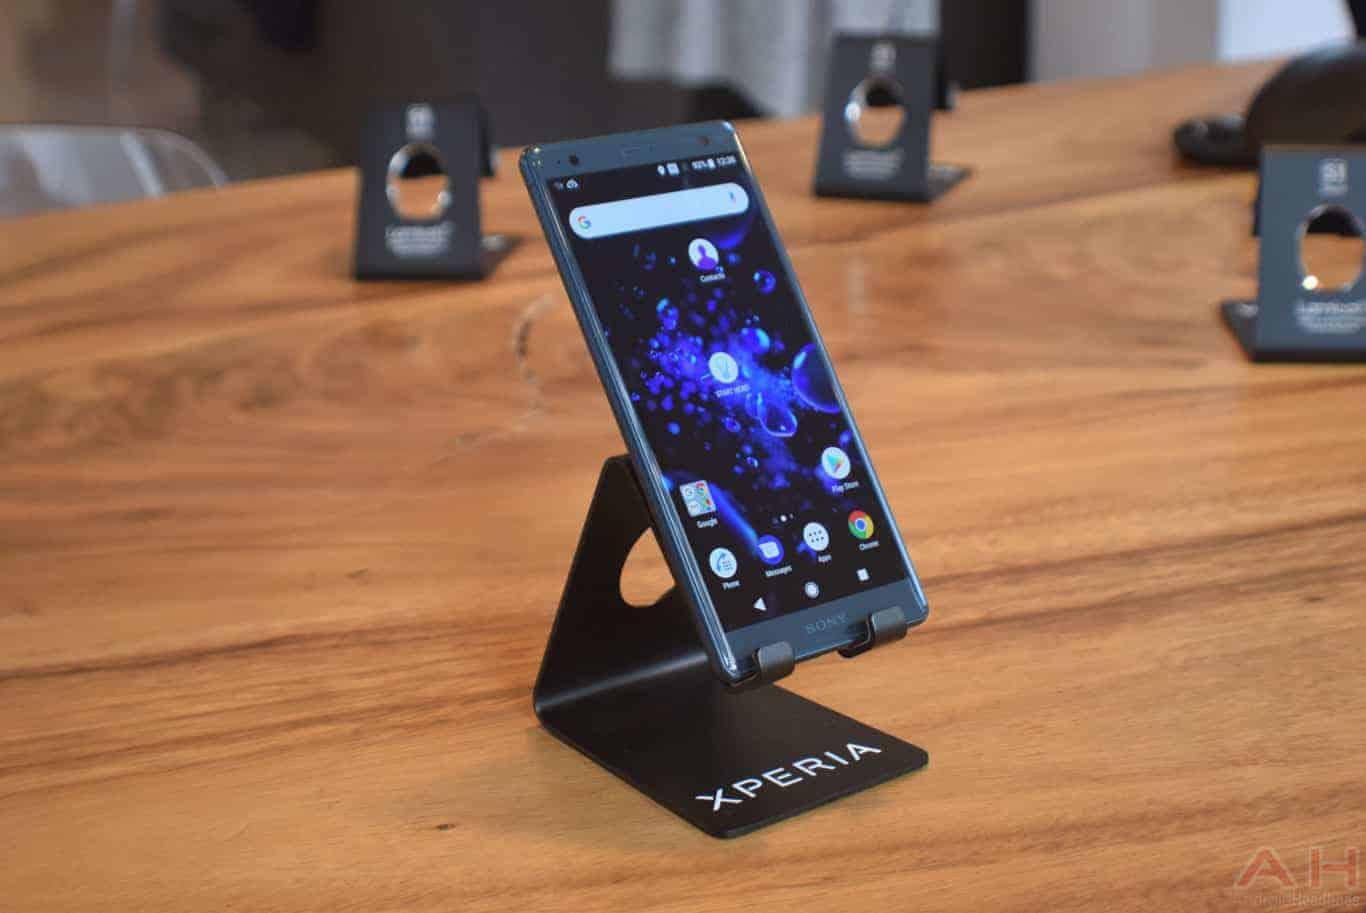 Sony Xperia XZ2 MWC 18 AM AH 22